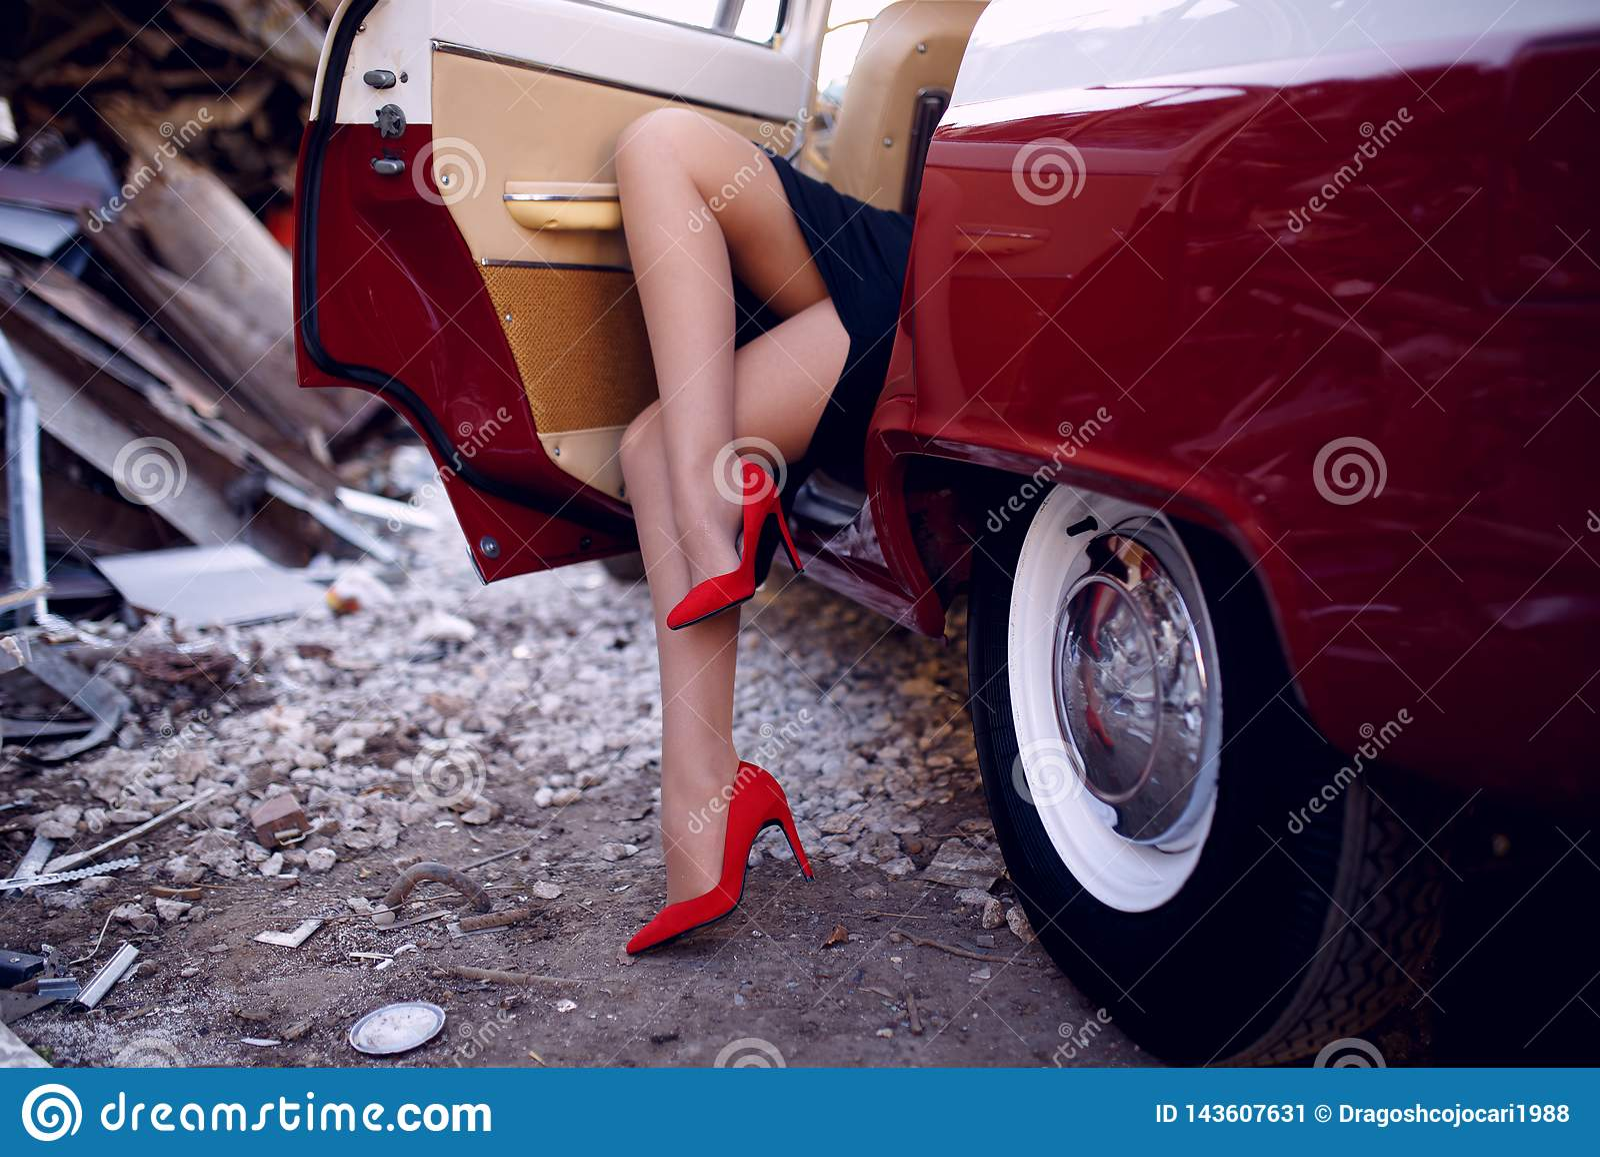 关闭在红色鞋子脚跟的妇女腿里面坐在铁转储背景的葡萄酒红色汽车 艺术性的详细埃菲尔框架法国水平的金属巴黎仿造显示剪影塔视图的射击